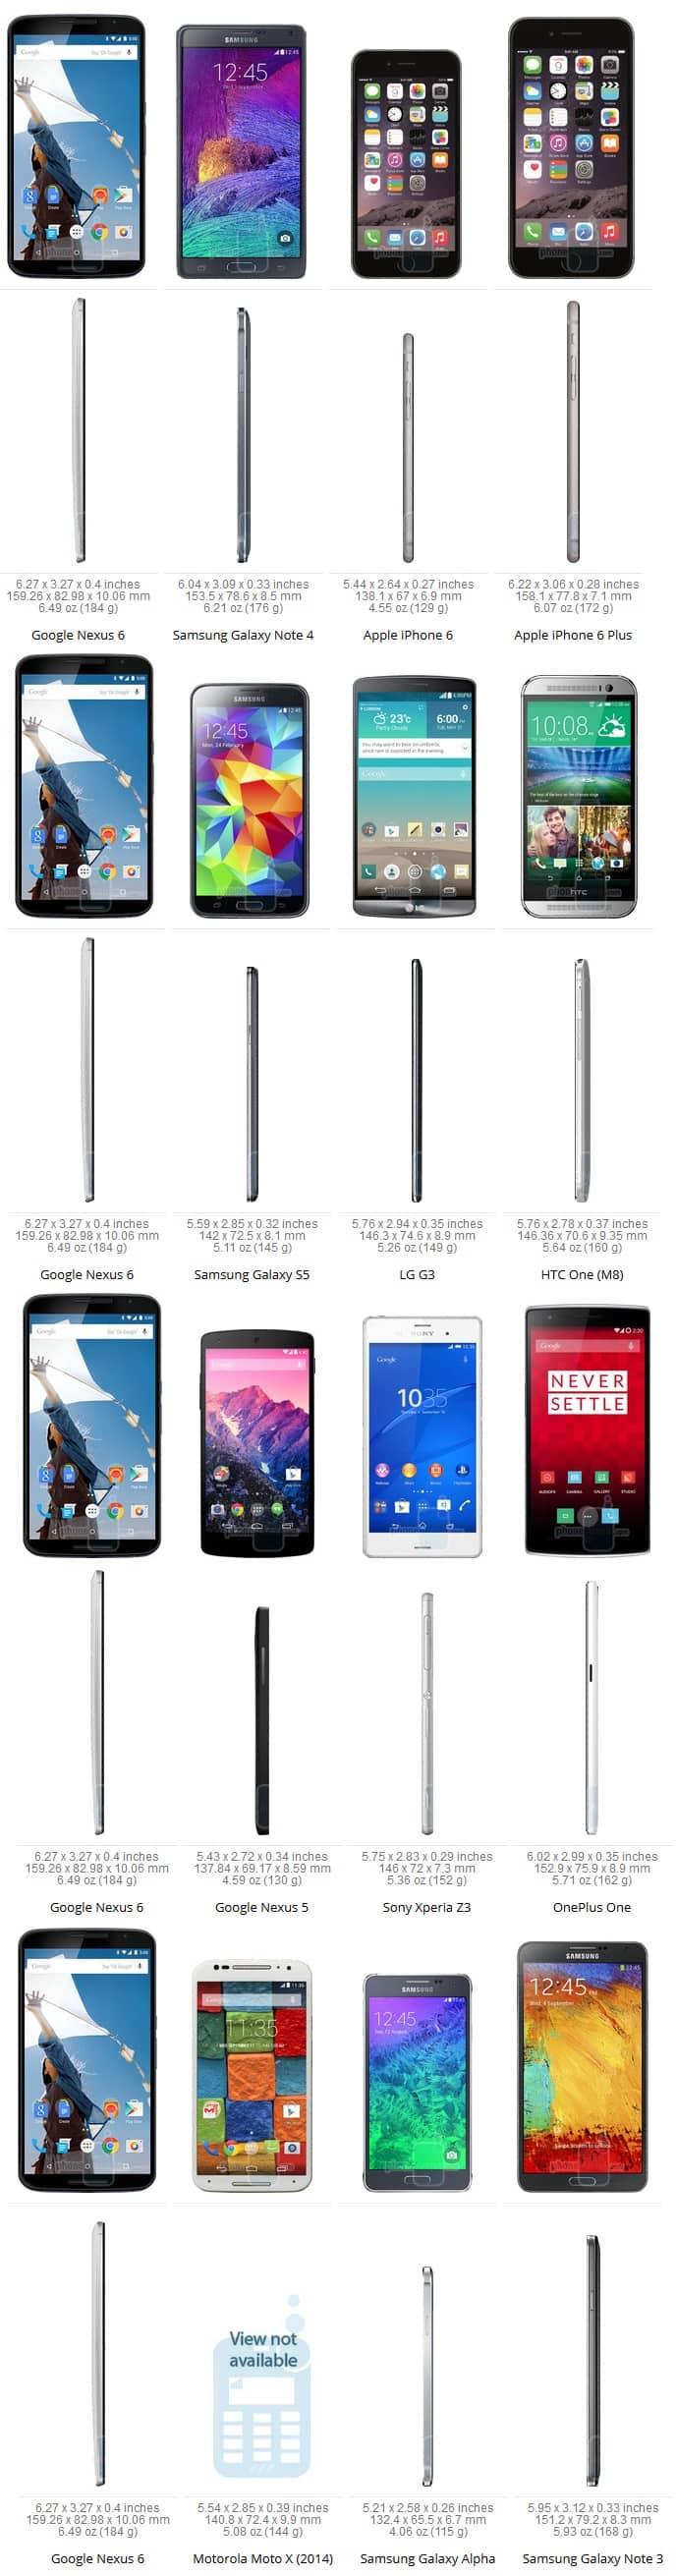 Nexus 6 Size